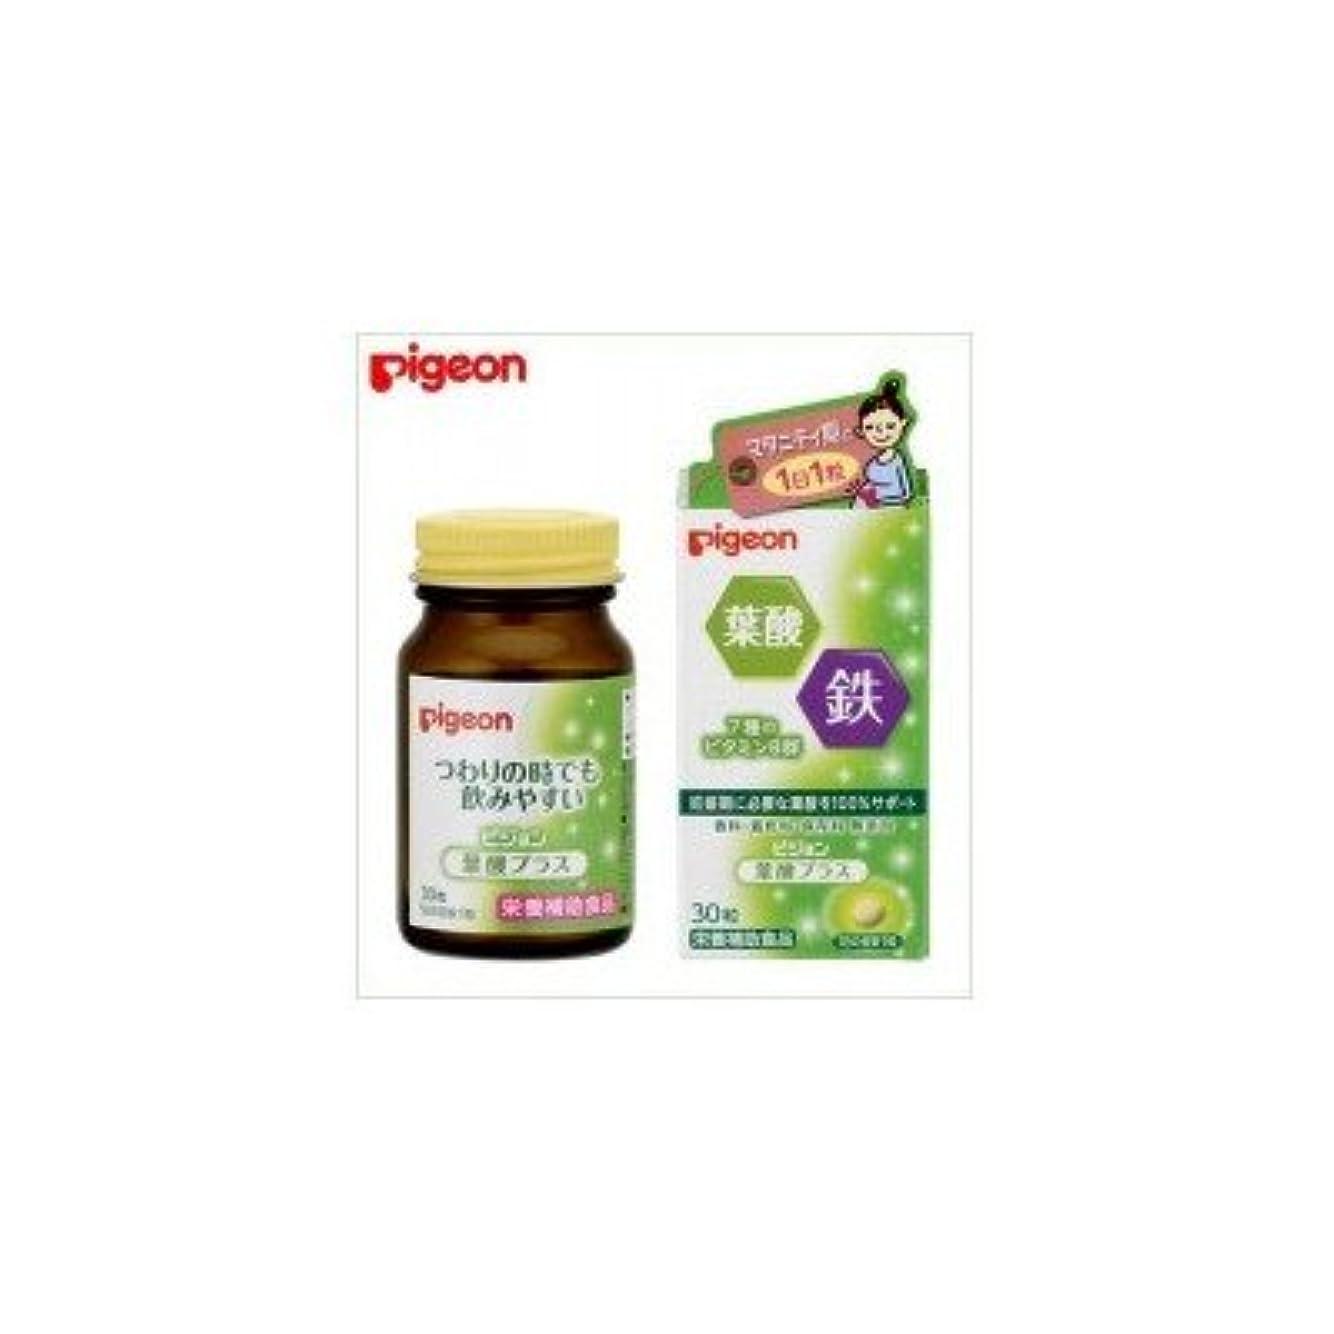 近々誕生ディスパッチPigeon(ピジョン) サプリメント 栄養補助食品 葉酸プラス 30粒(錠剤) 20390